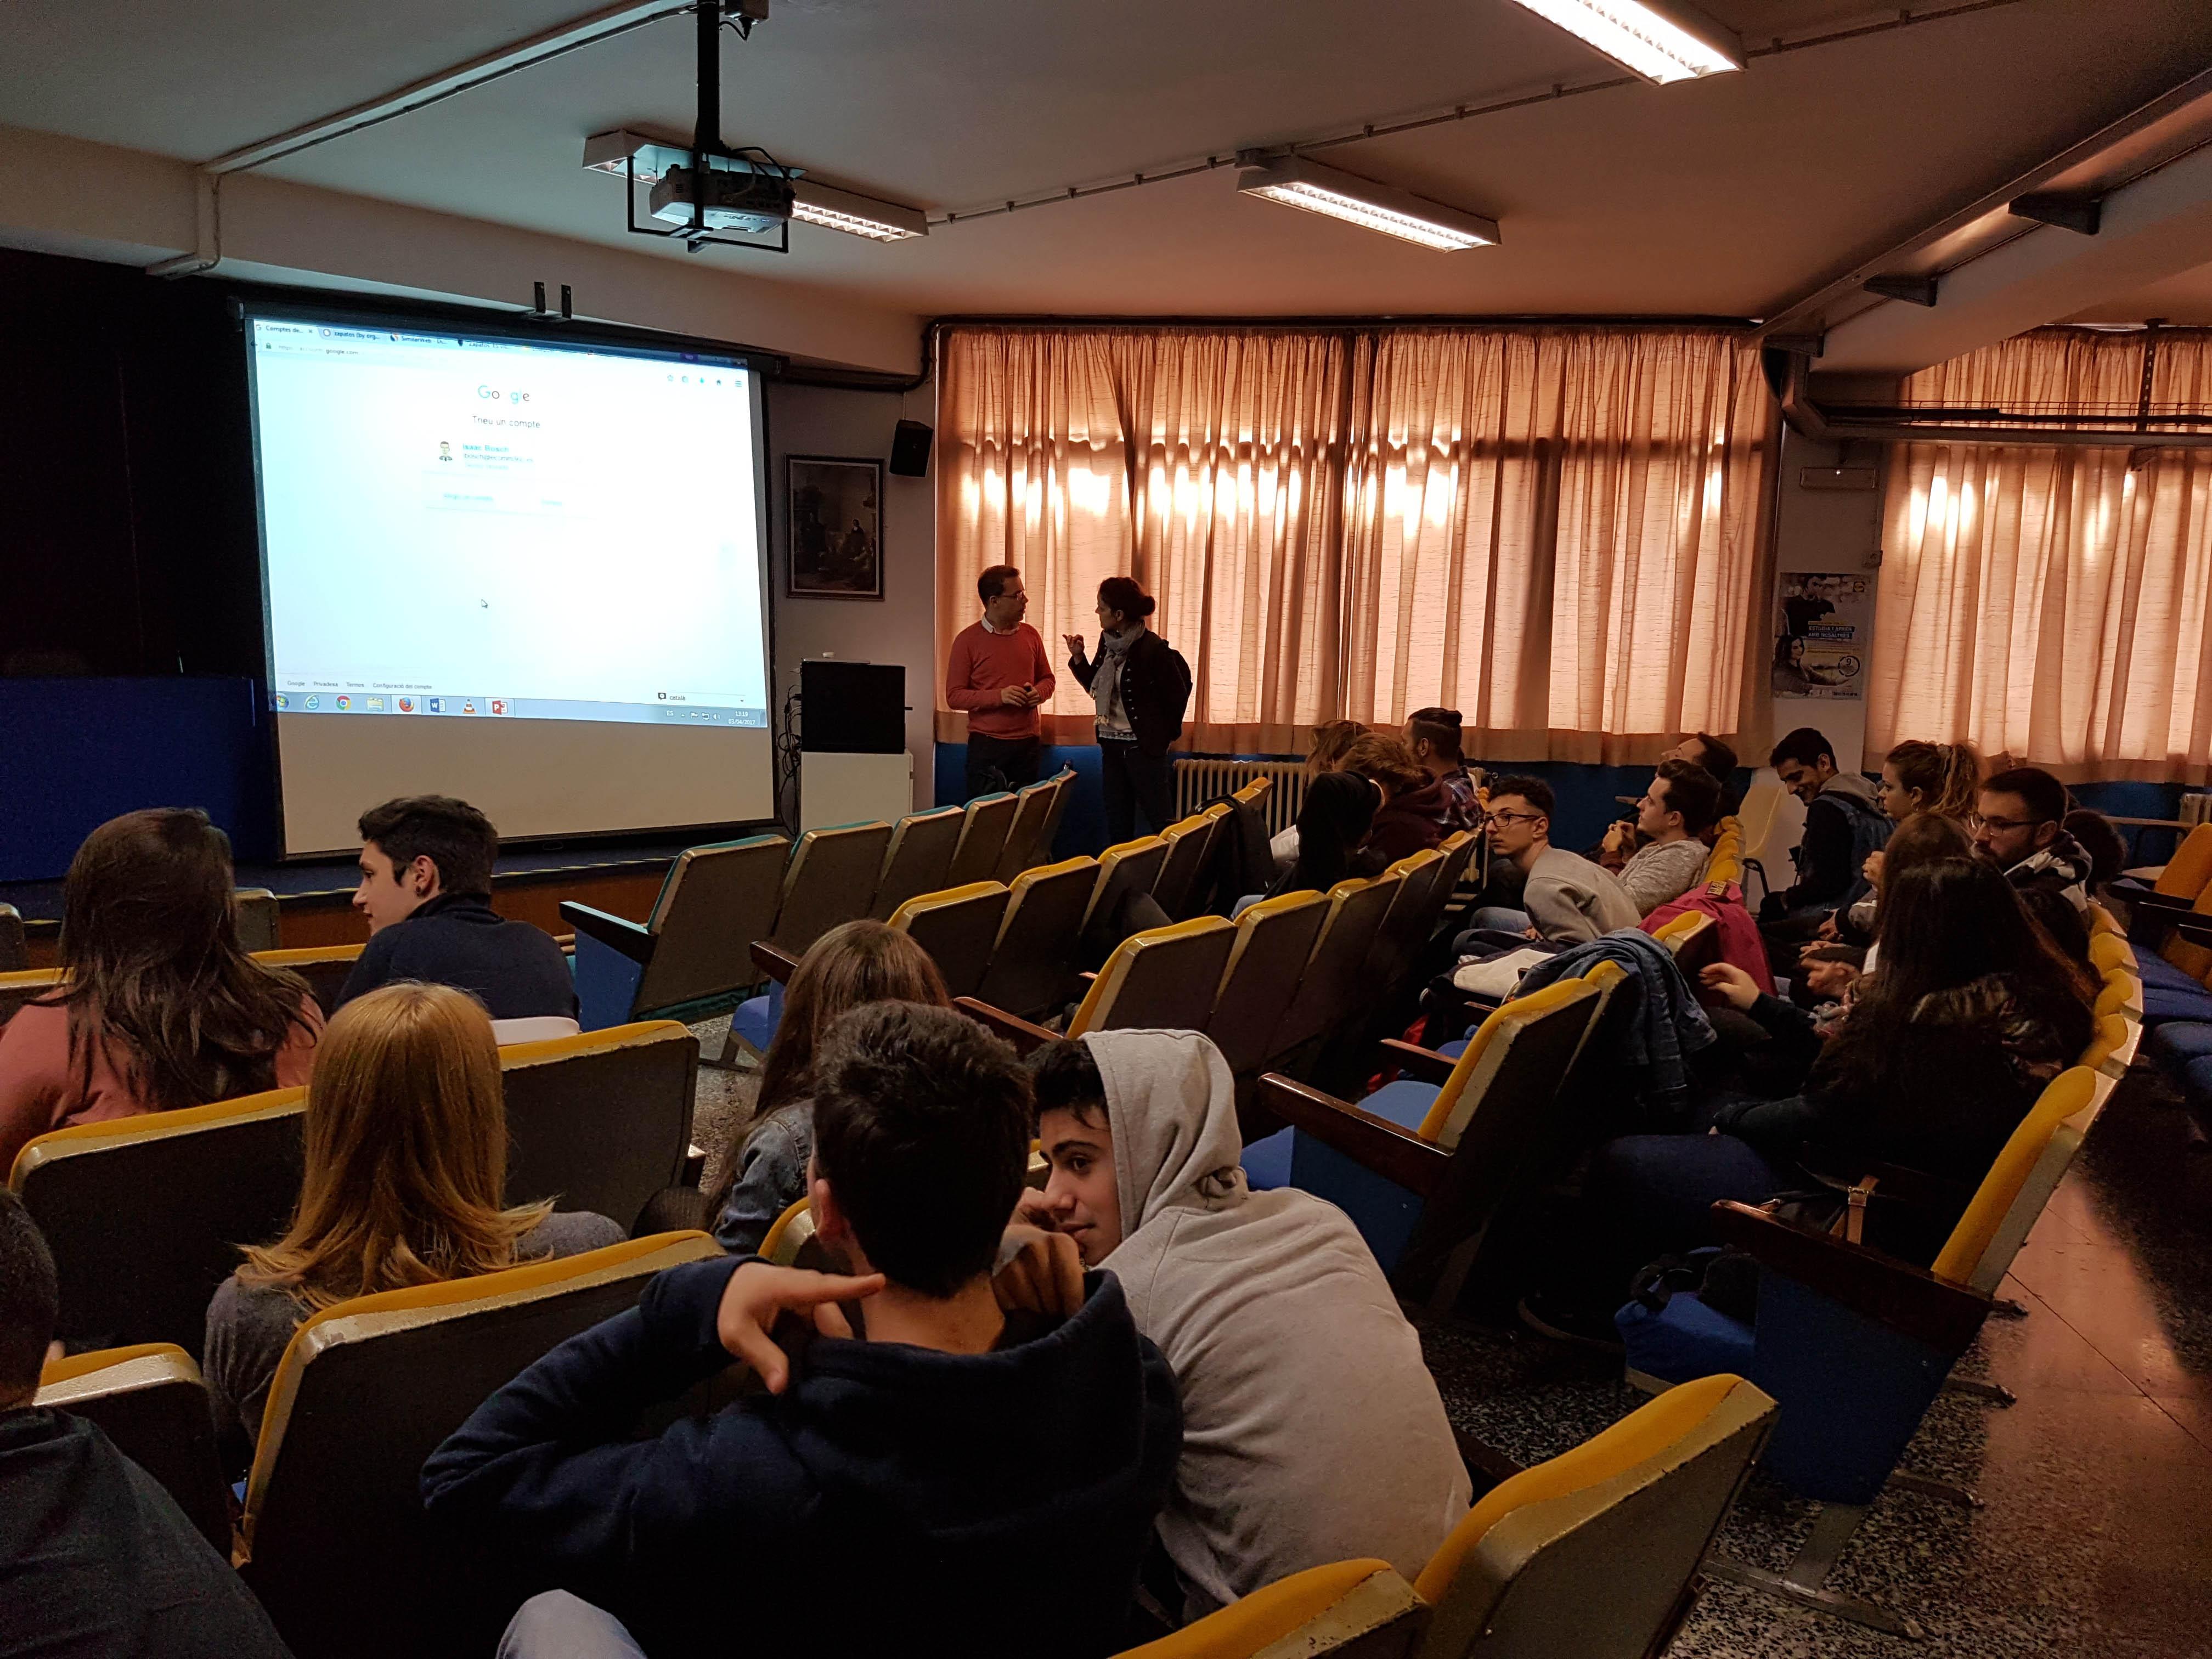 Els alumnes de cicles formatius de l'àrea empresarial analitzen l'eina líder en E-commerce